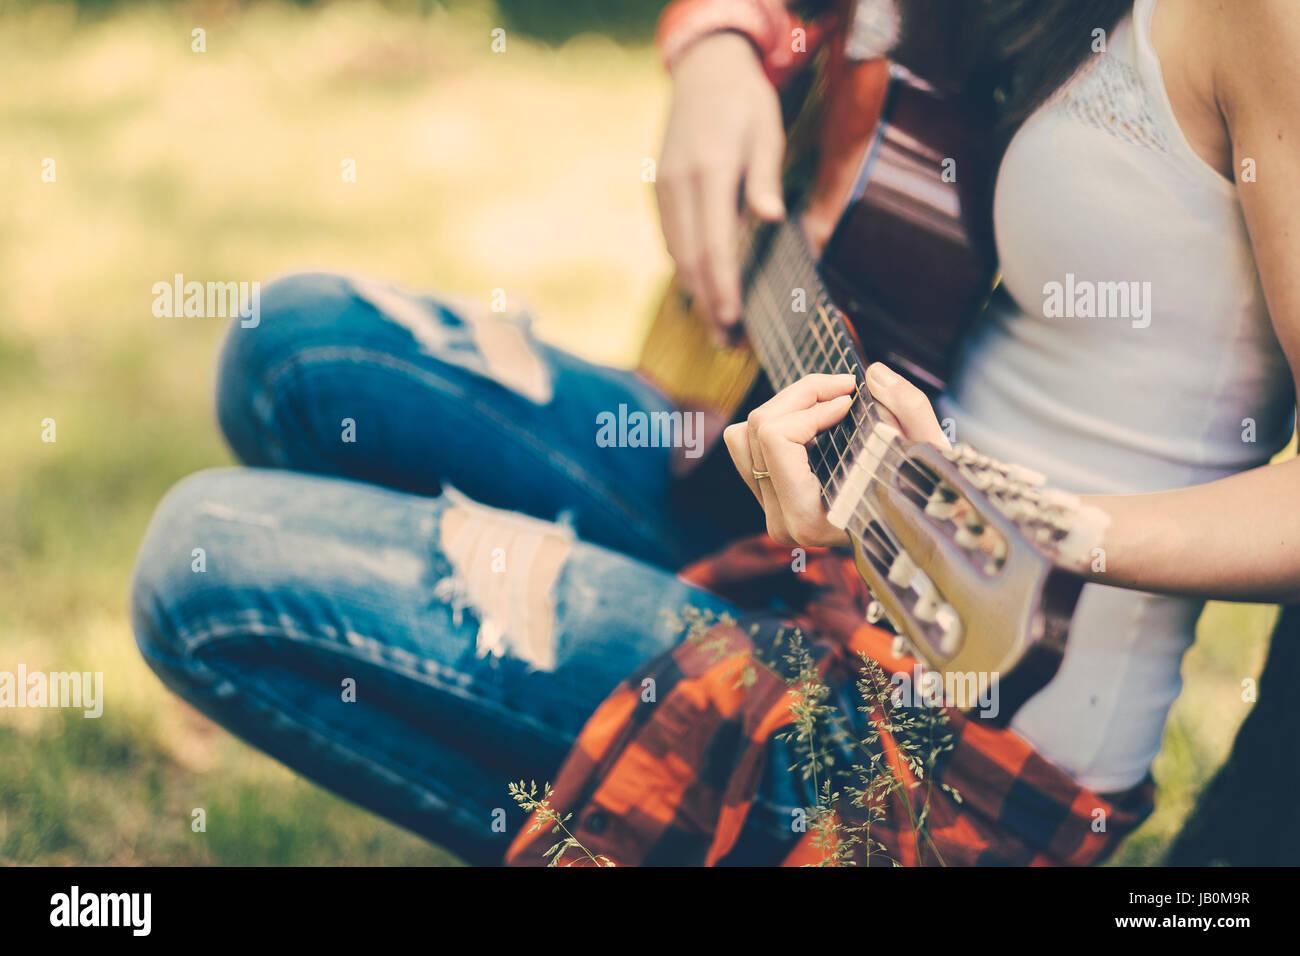 Mujer con Festival de Guitarra en parte Imagen De Stock